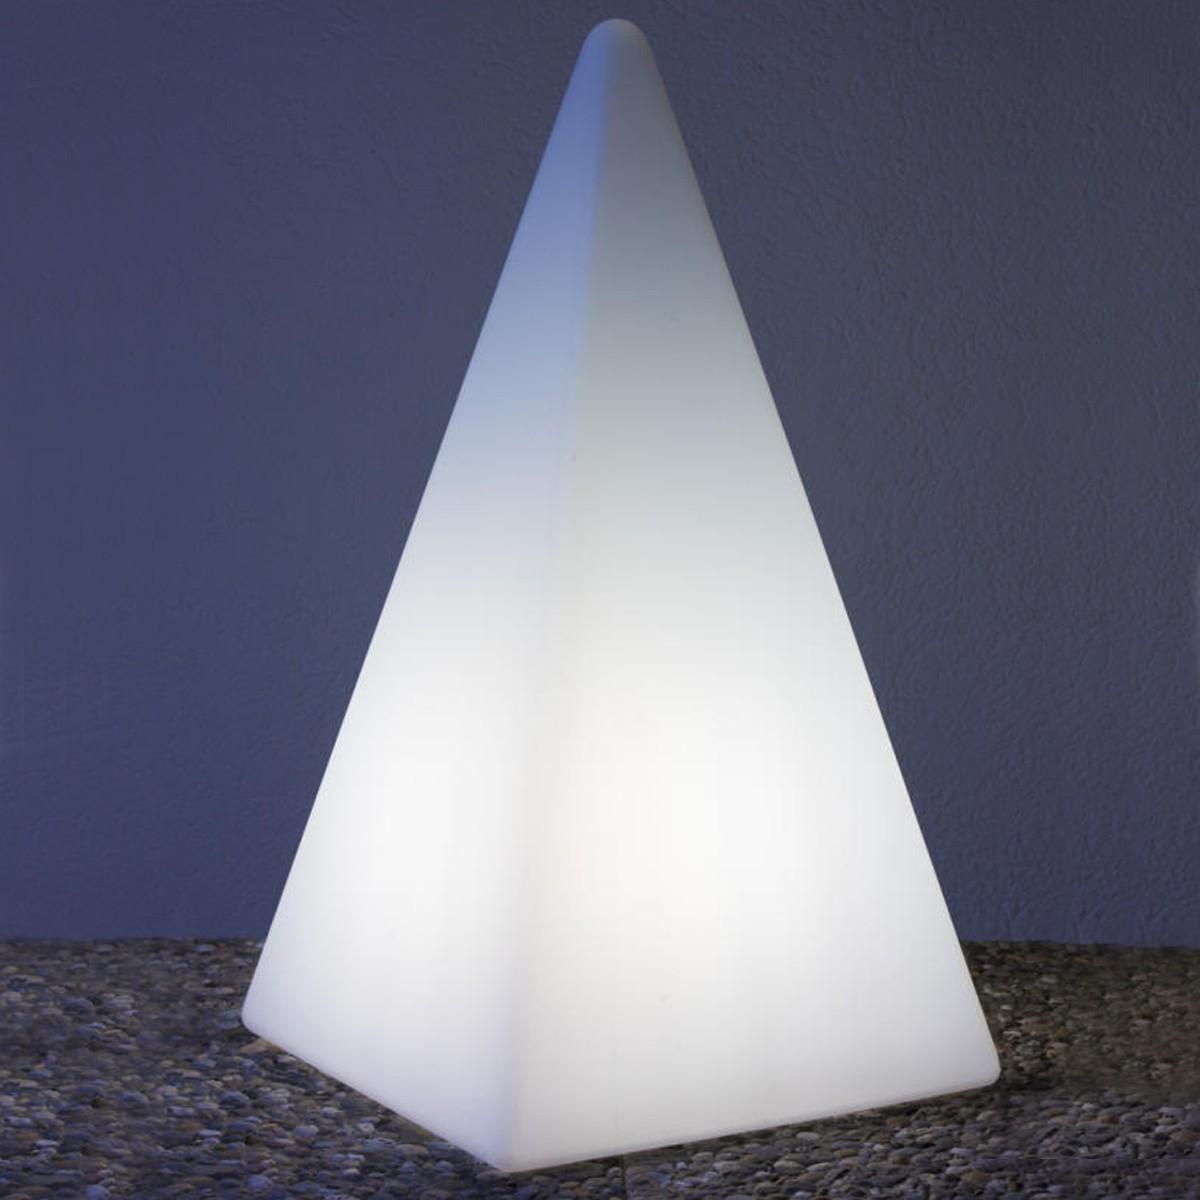 Epstein-Design Pyramide 73 Akku Stehleuchte LED, RGB mit Funkfernbedienung